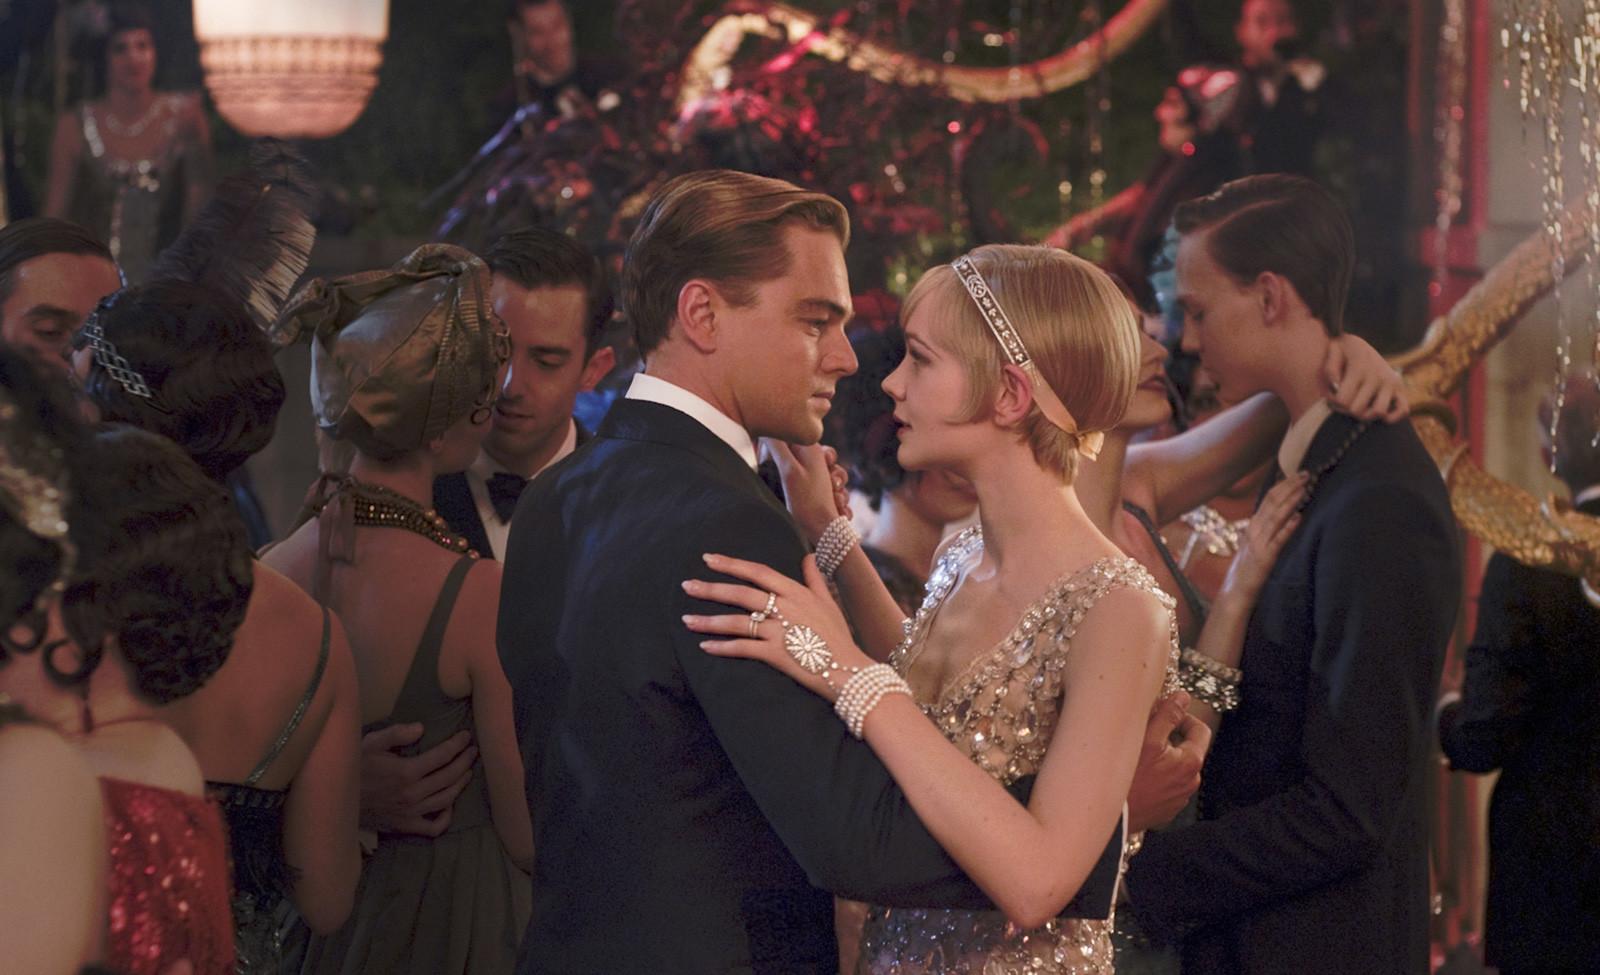 Muhtesem Gatsby  filmi Mobil İndir Ekran Görüntüsü 2